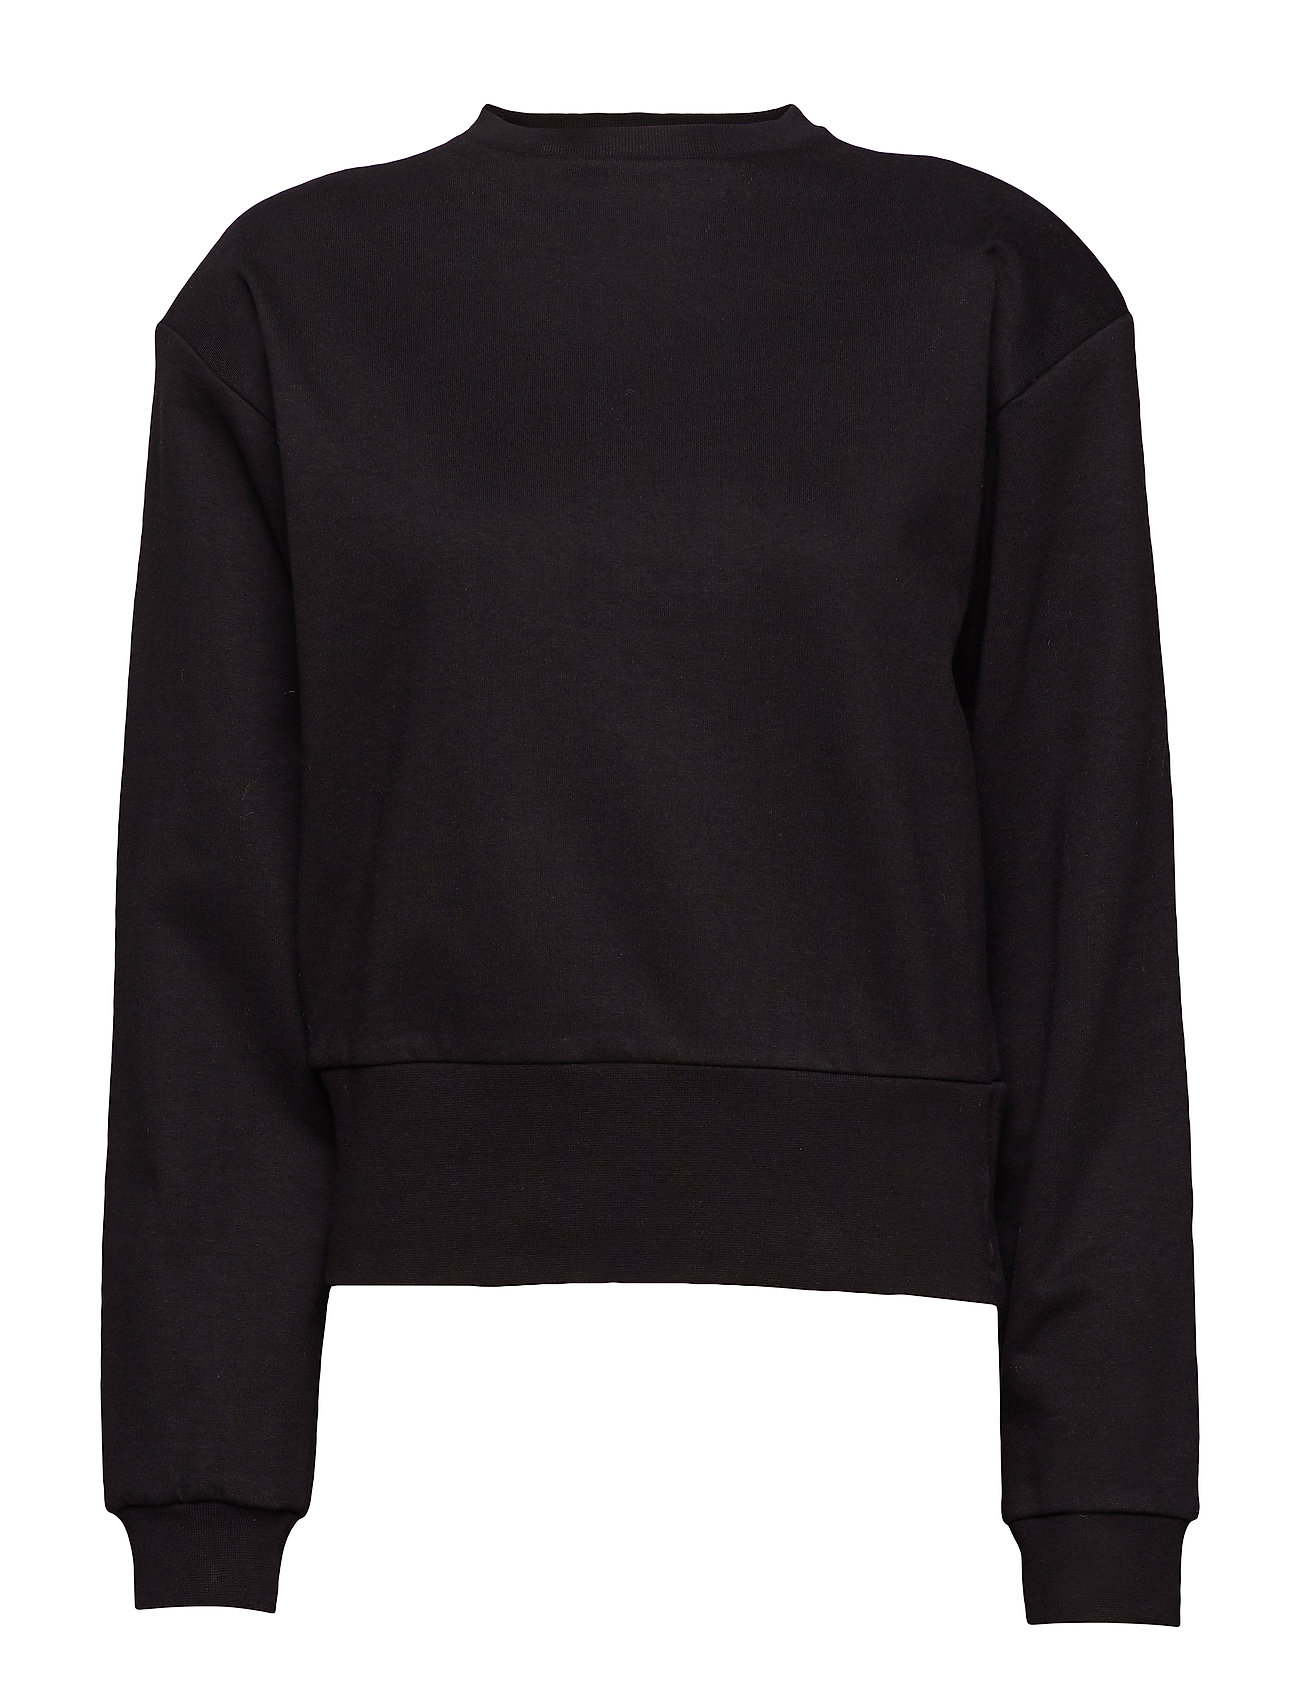 Ivyrevel Jersey Sweater Ögrönlar